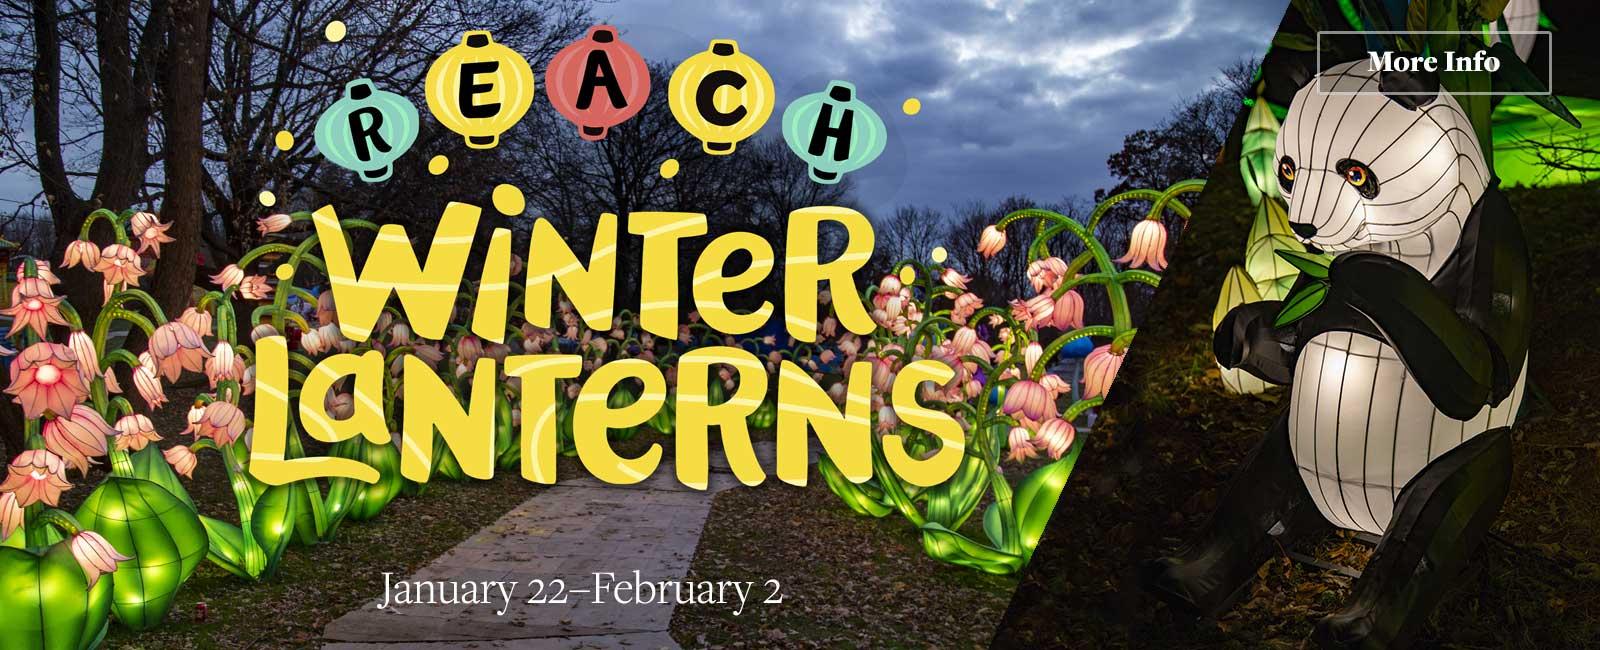 REACH Winter Lanterns